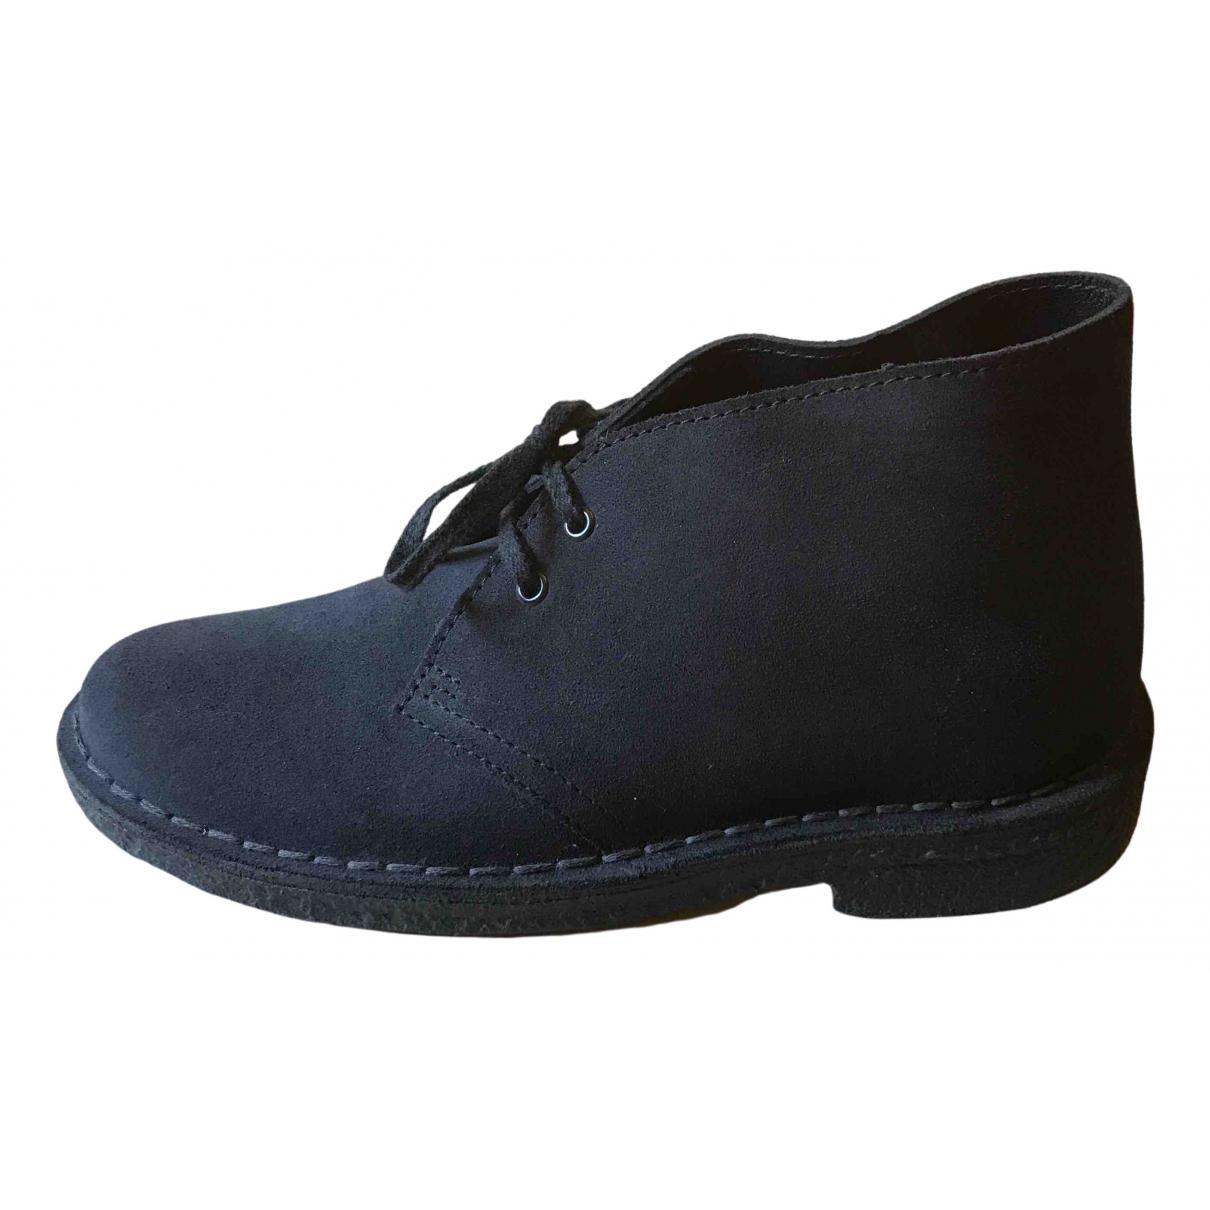 Clarks - Boots   pour femme en suede - bleu